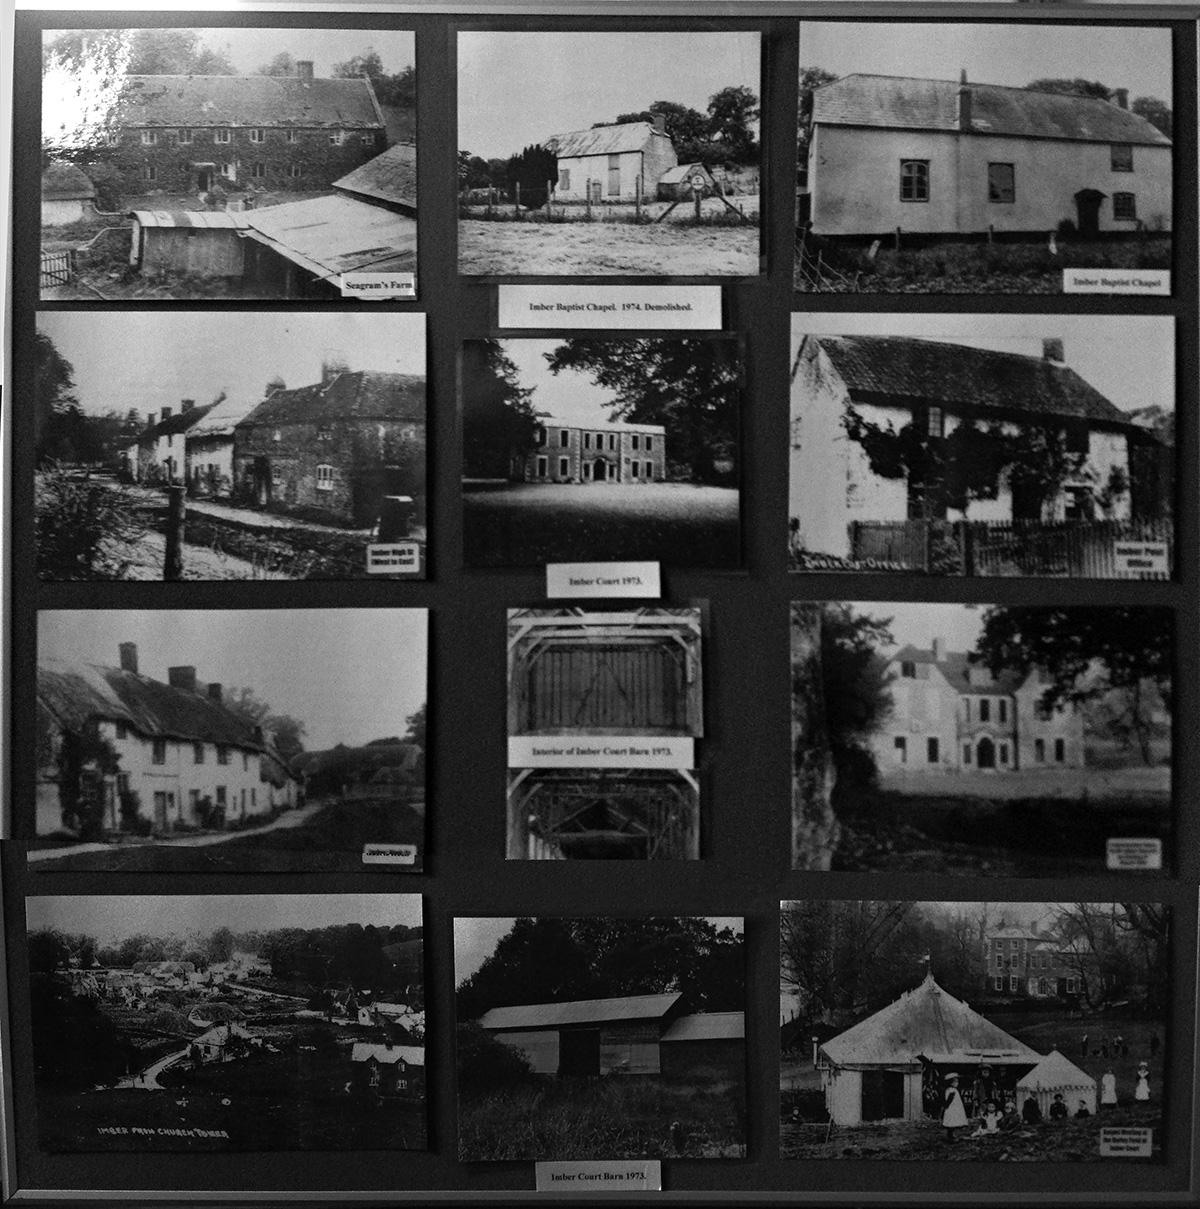 Imber Photographs